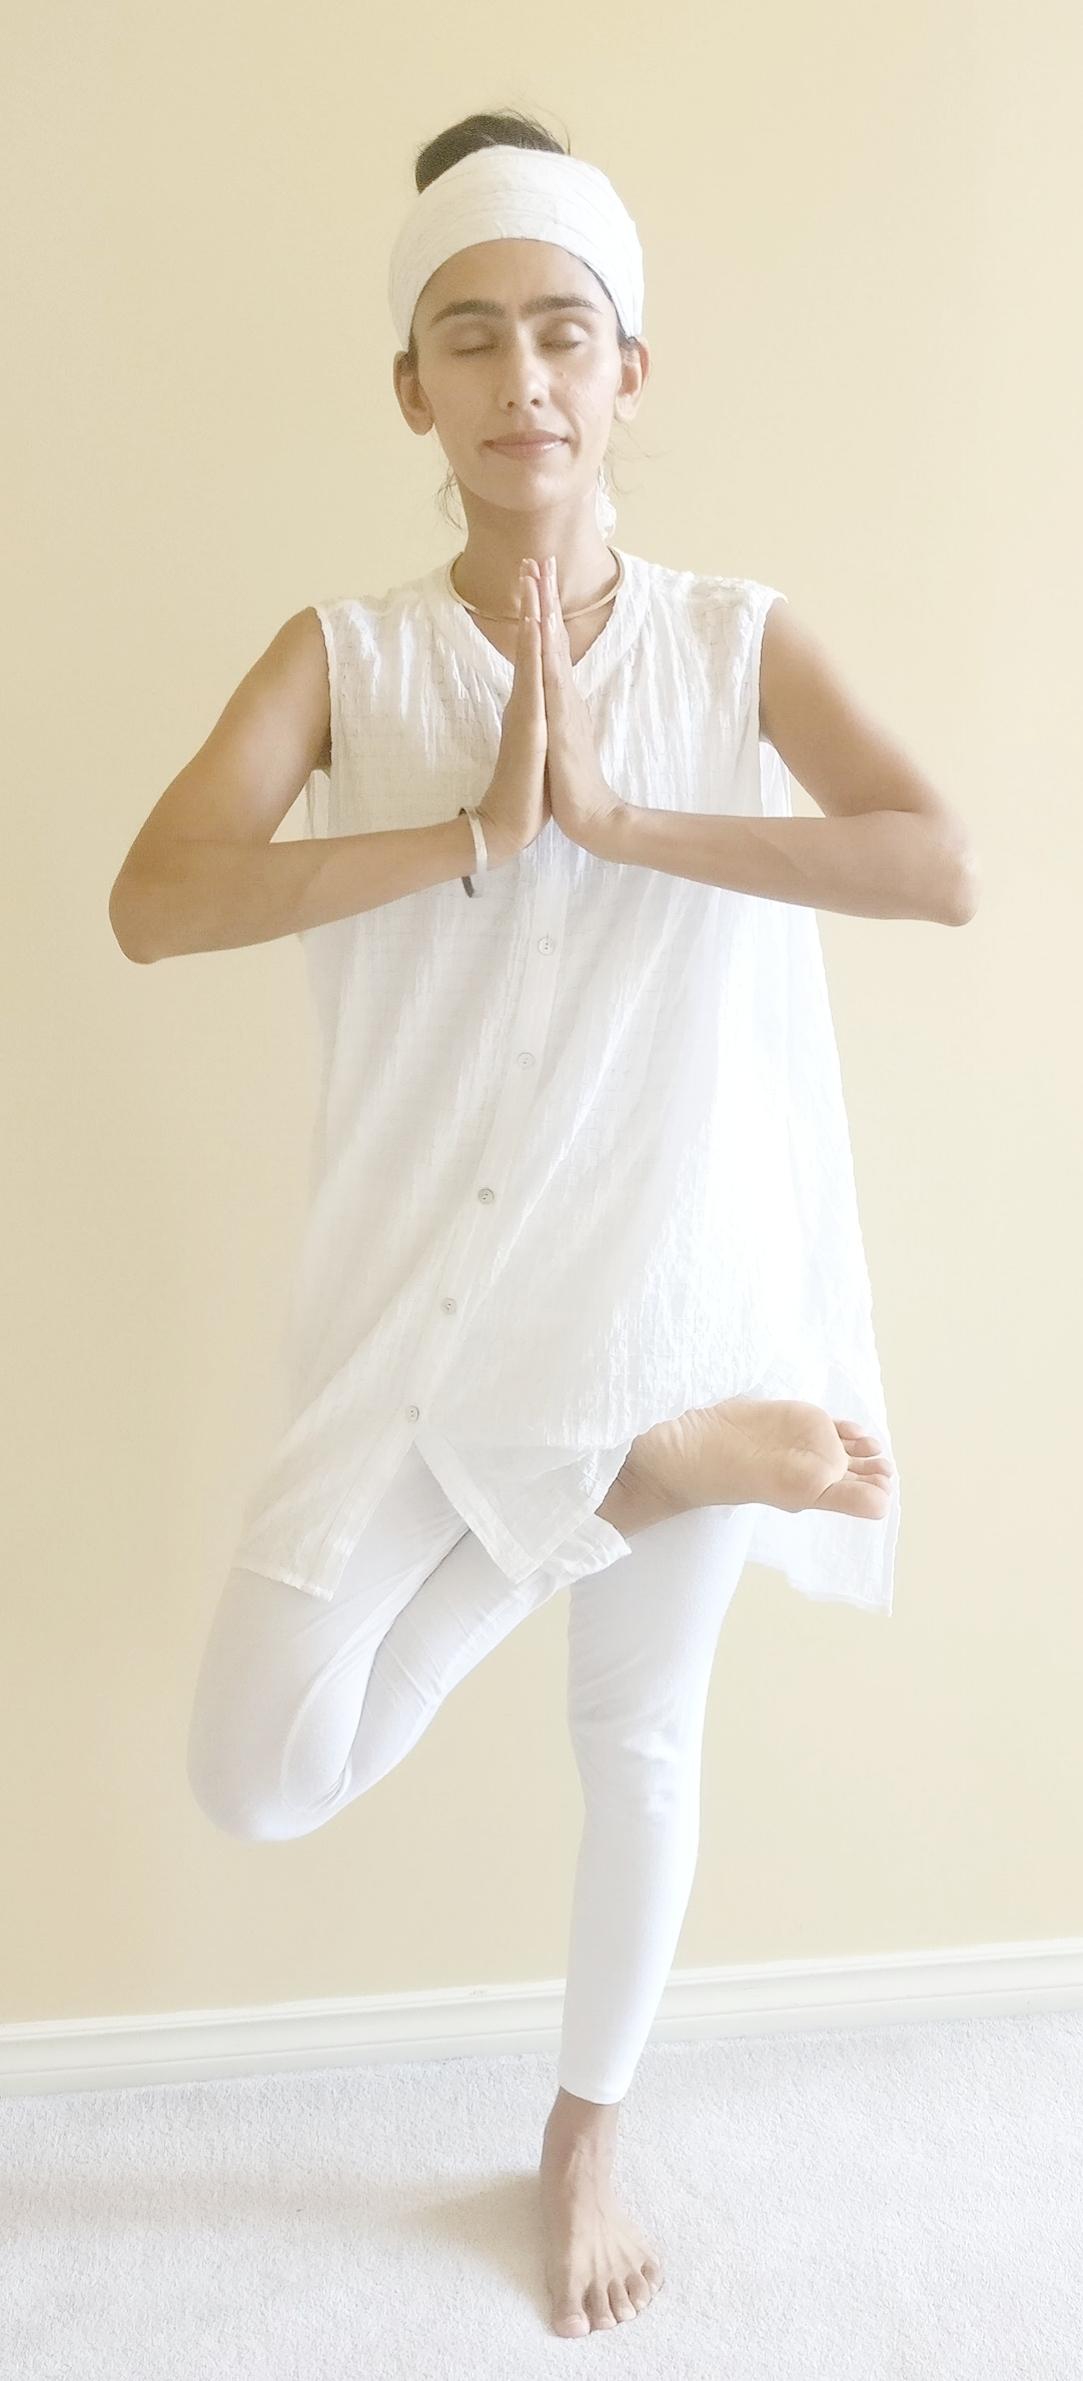 Pawan-Meditate.jpg